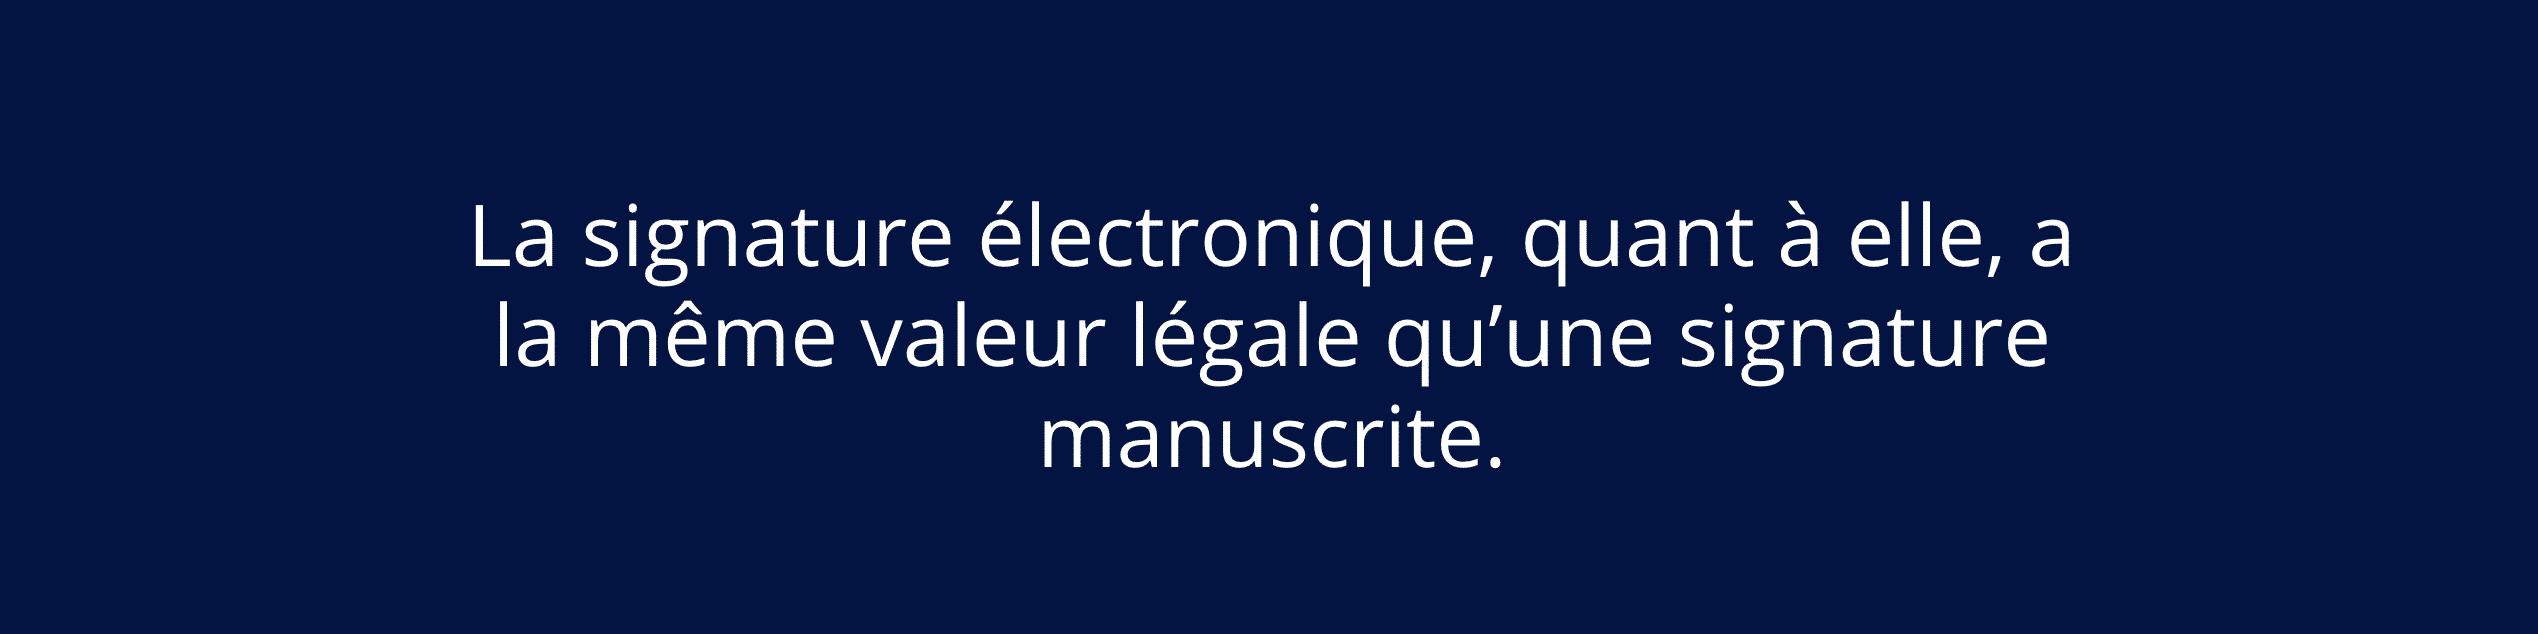 signature électronique prix